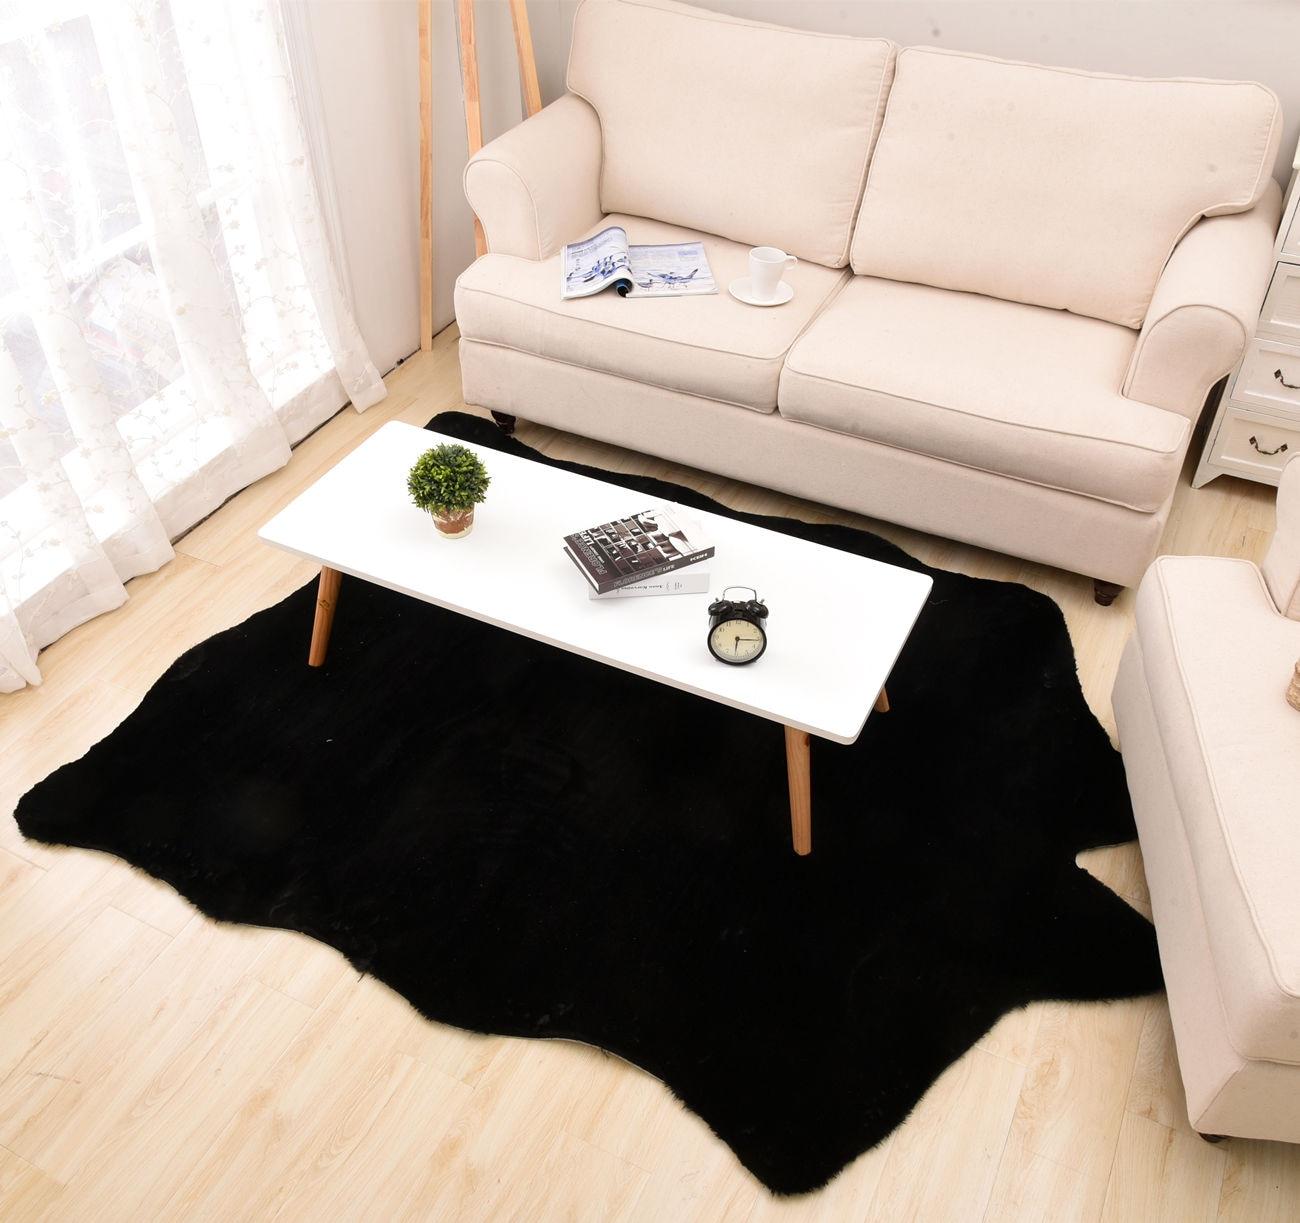 Tapis courts en Imitation cuir couleur unie en peluche tapis peaux d'animaux forme naturelle tapis décoration tapis vêtements accessoires de tir